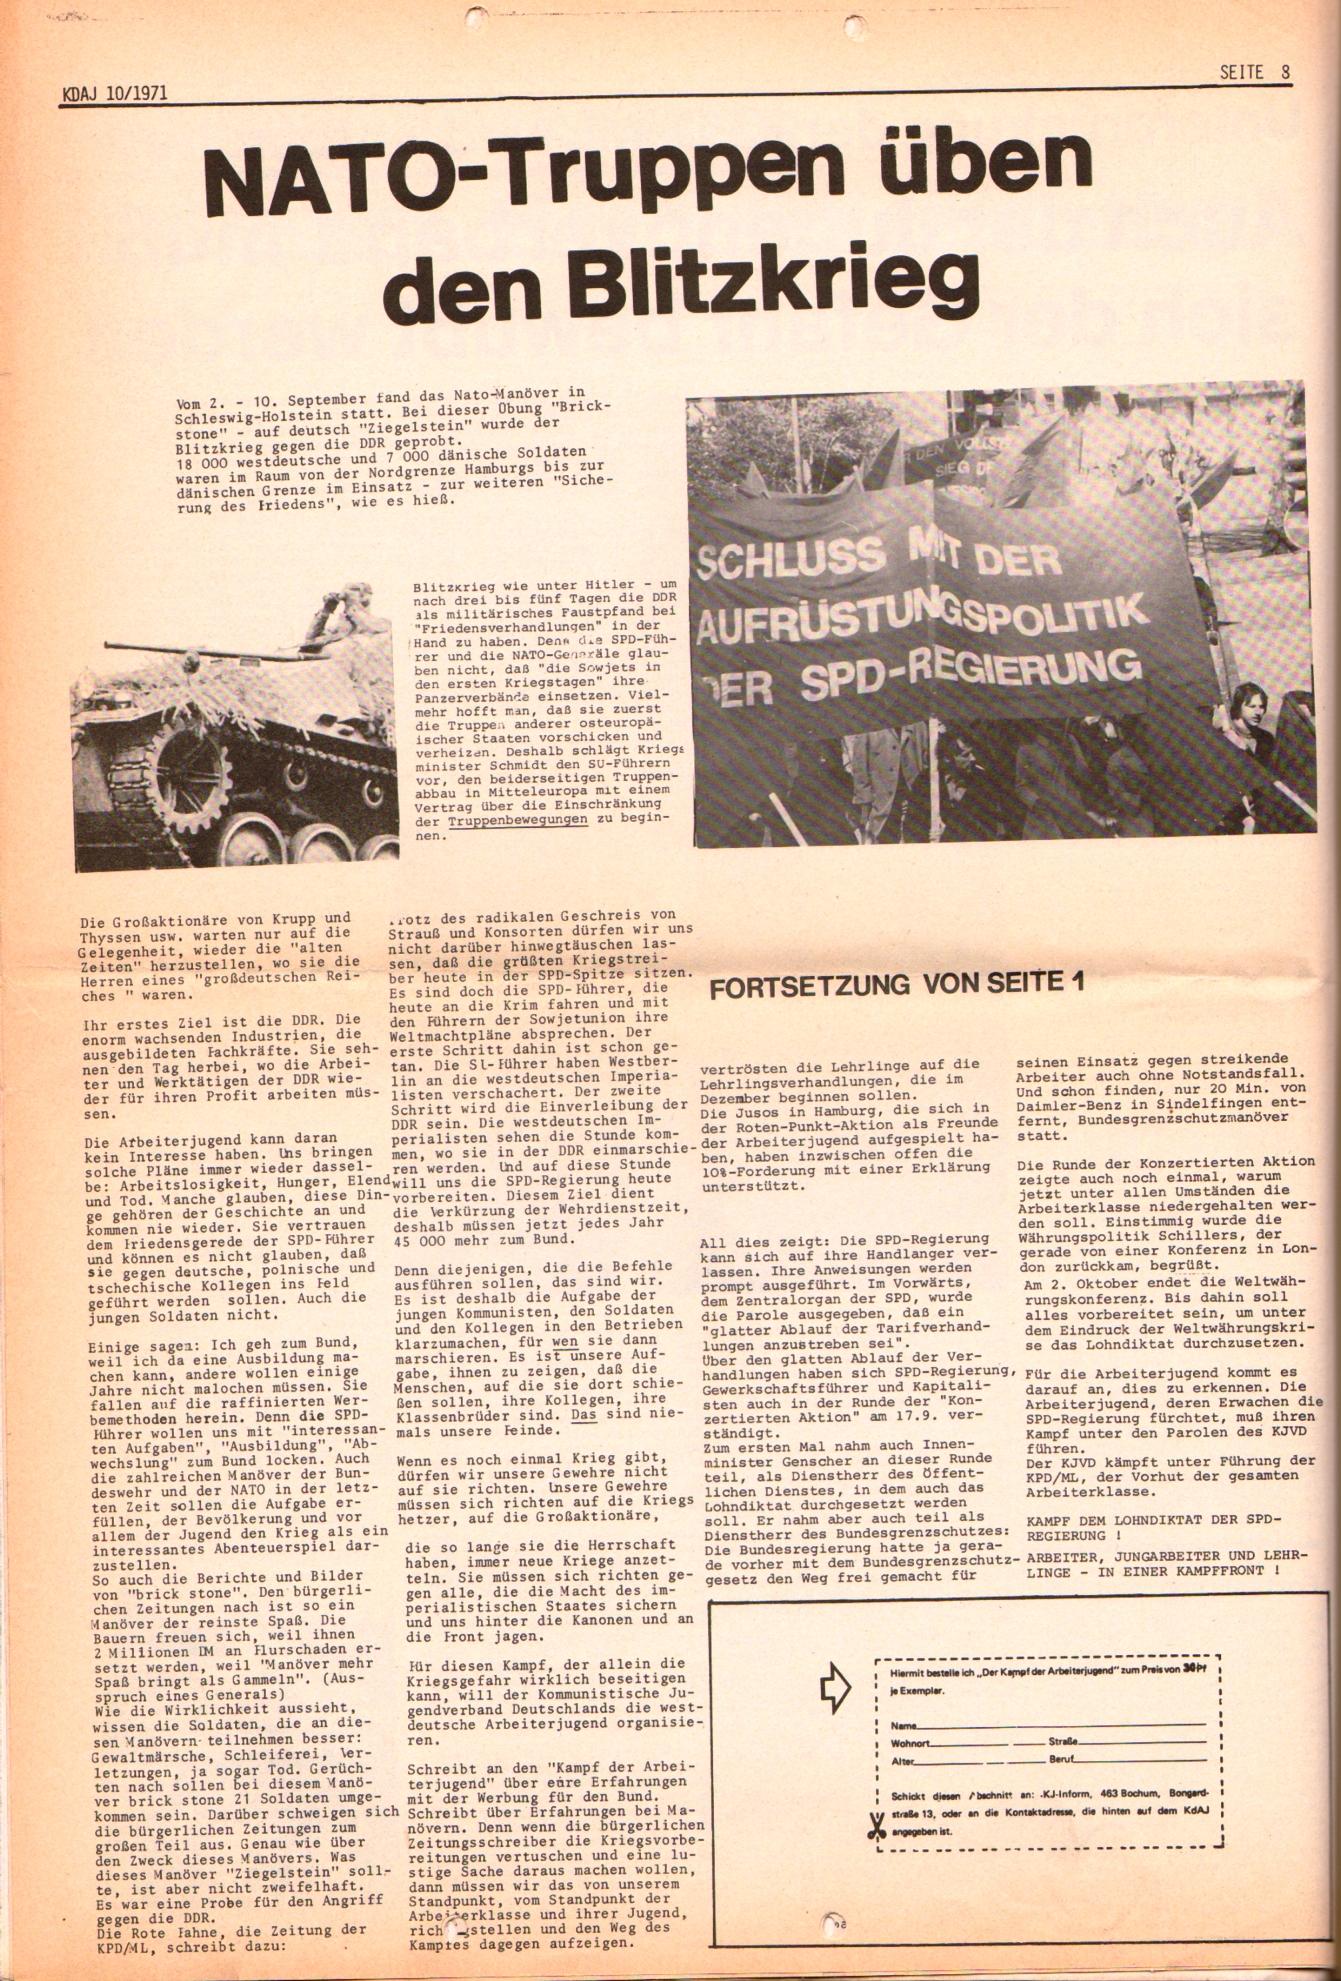 KDAJ, 2. Jg., Oktober 1971, Nr. 10, Seite 8